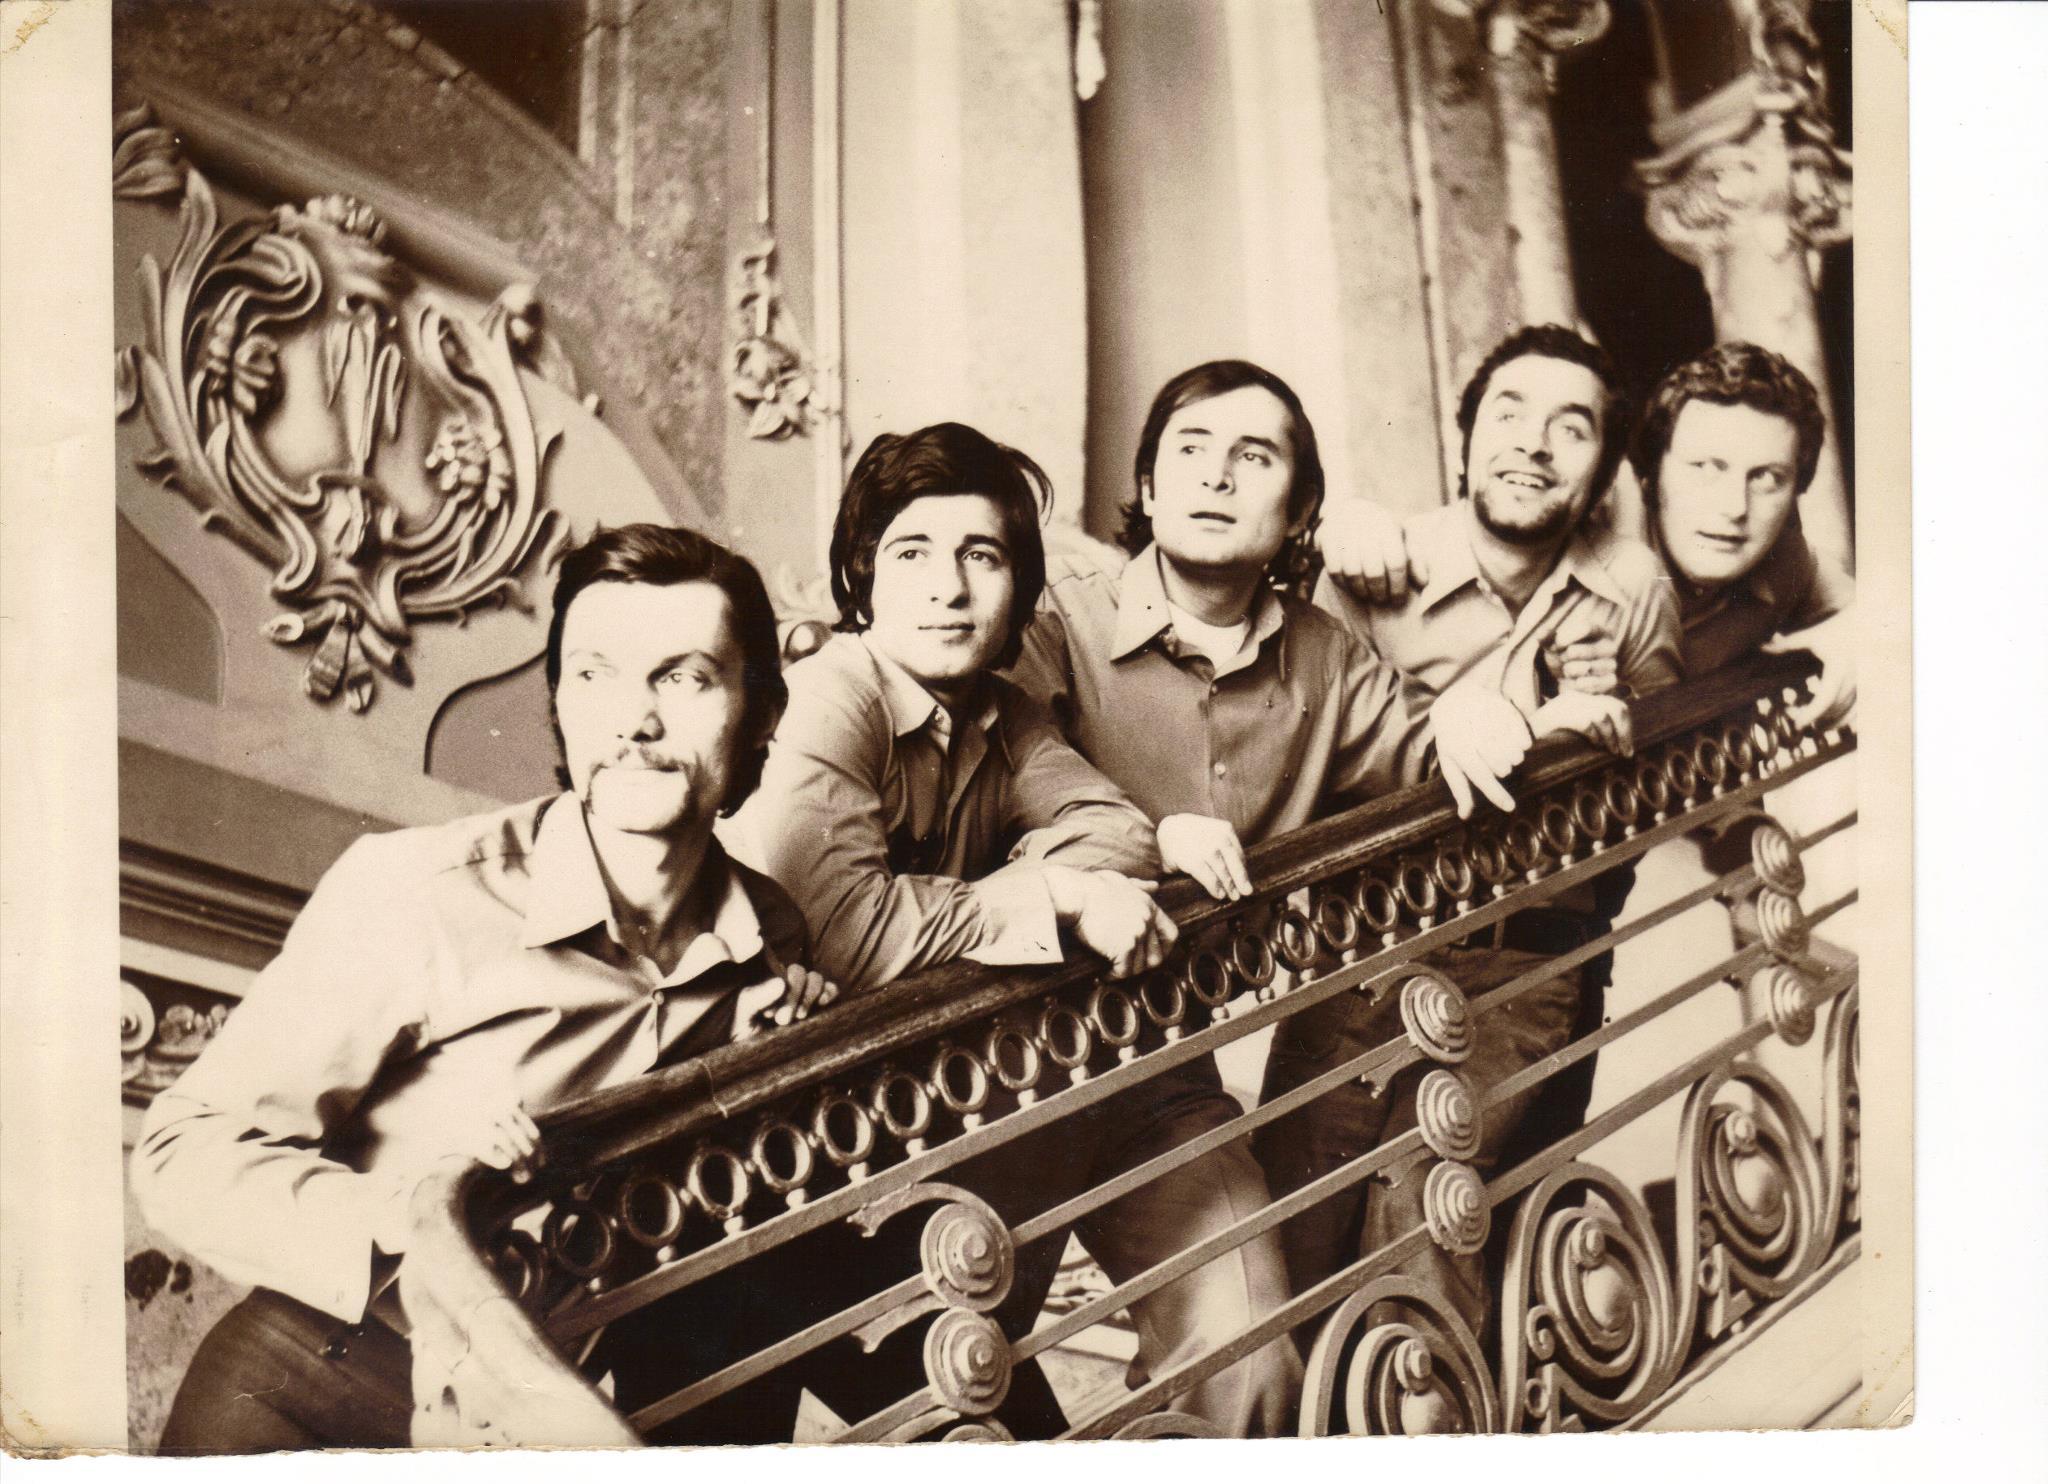 """EXCLUSIV/ Alexandru Vilmanyi, compozitorul preferat al lui Nicu Ceaușescu, de la o viață în lux la """"coada vacii"""". S-a mutat la țară și crește animale"""